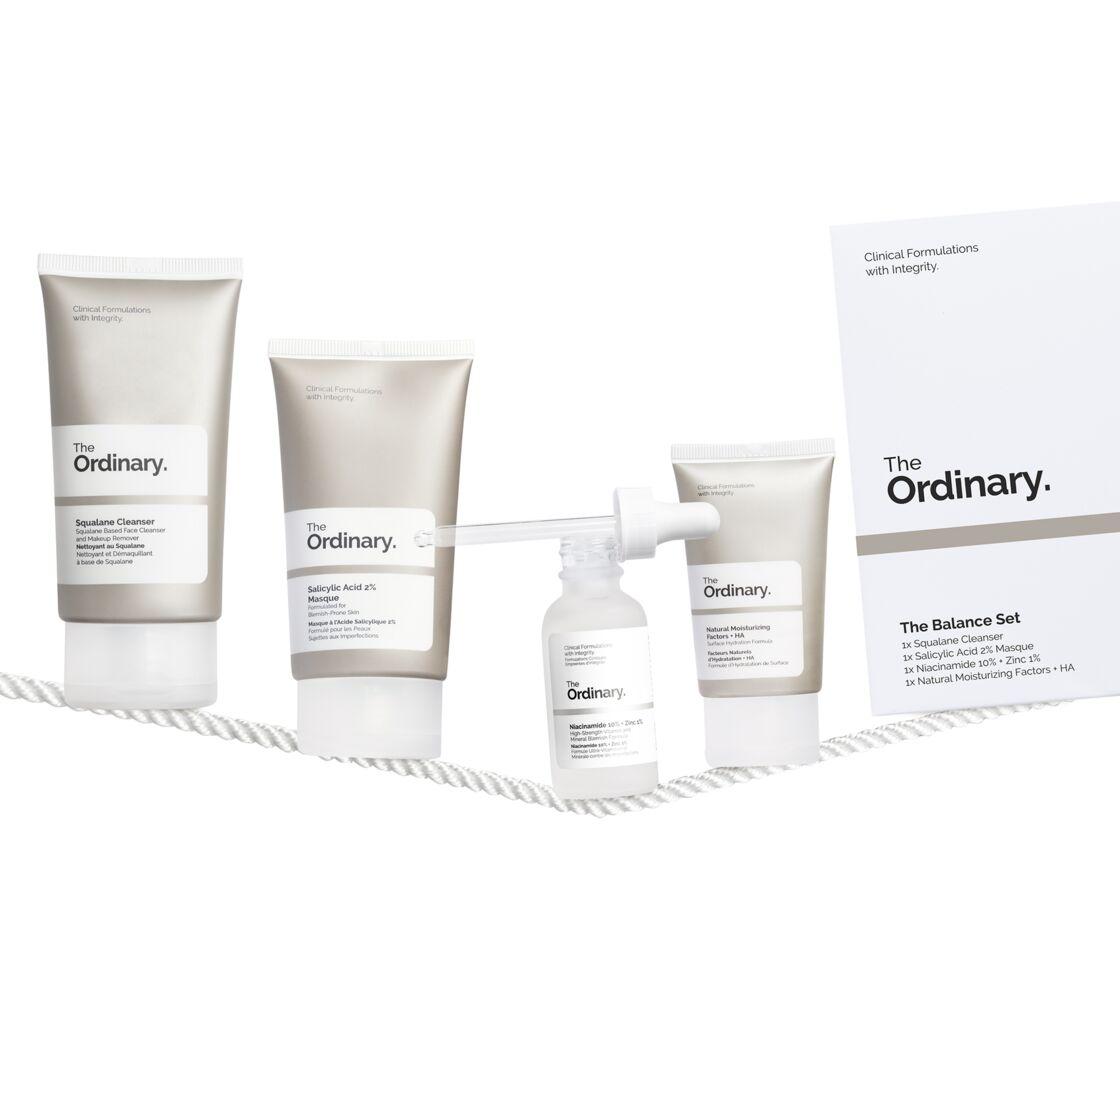 Le kit purifiant complet de The Ordinary à base de nettoyants et de sérum composés d' acide salicylique et de zinc (28 € en exclusivité chez Sephora),